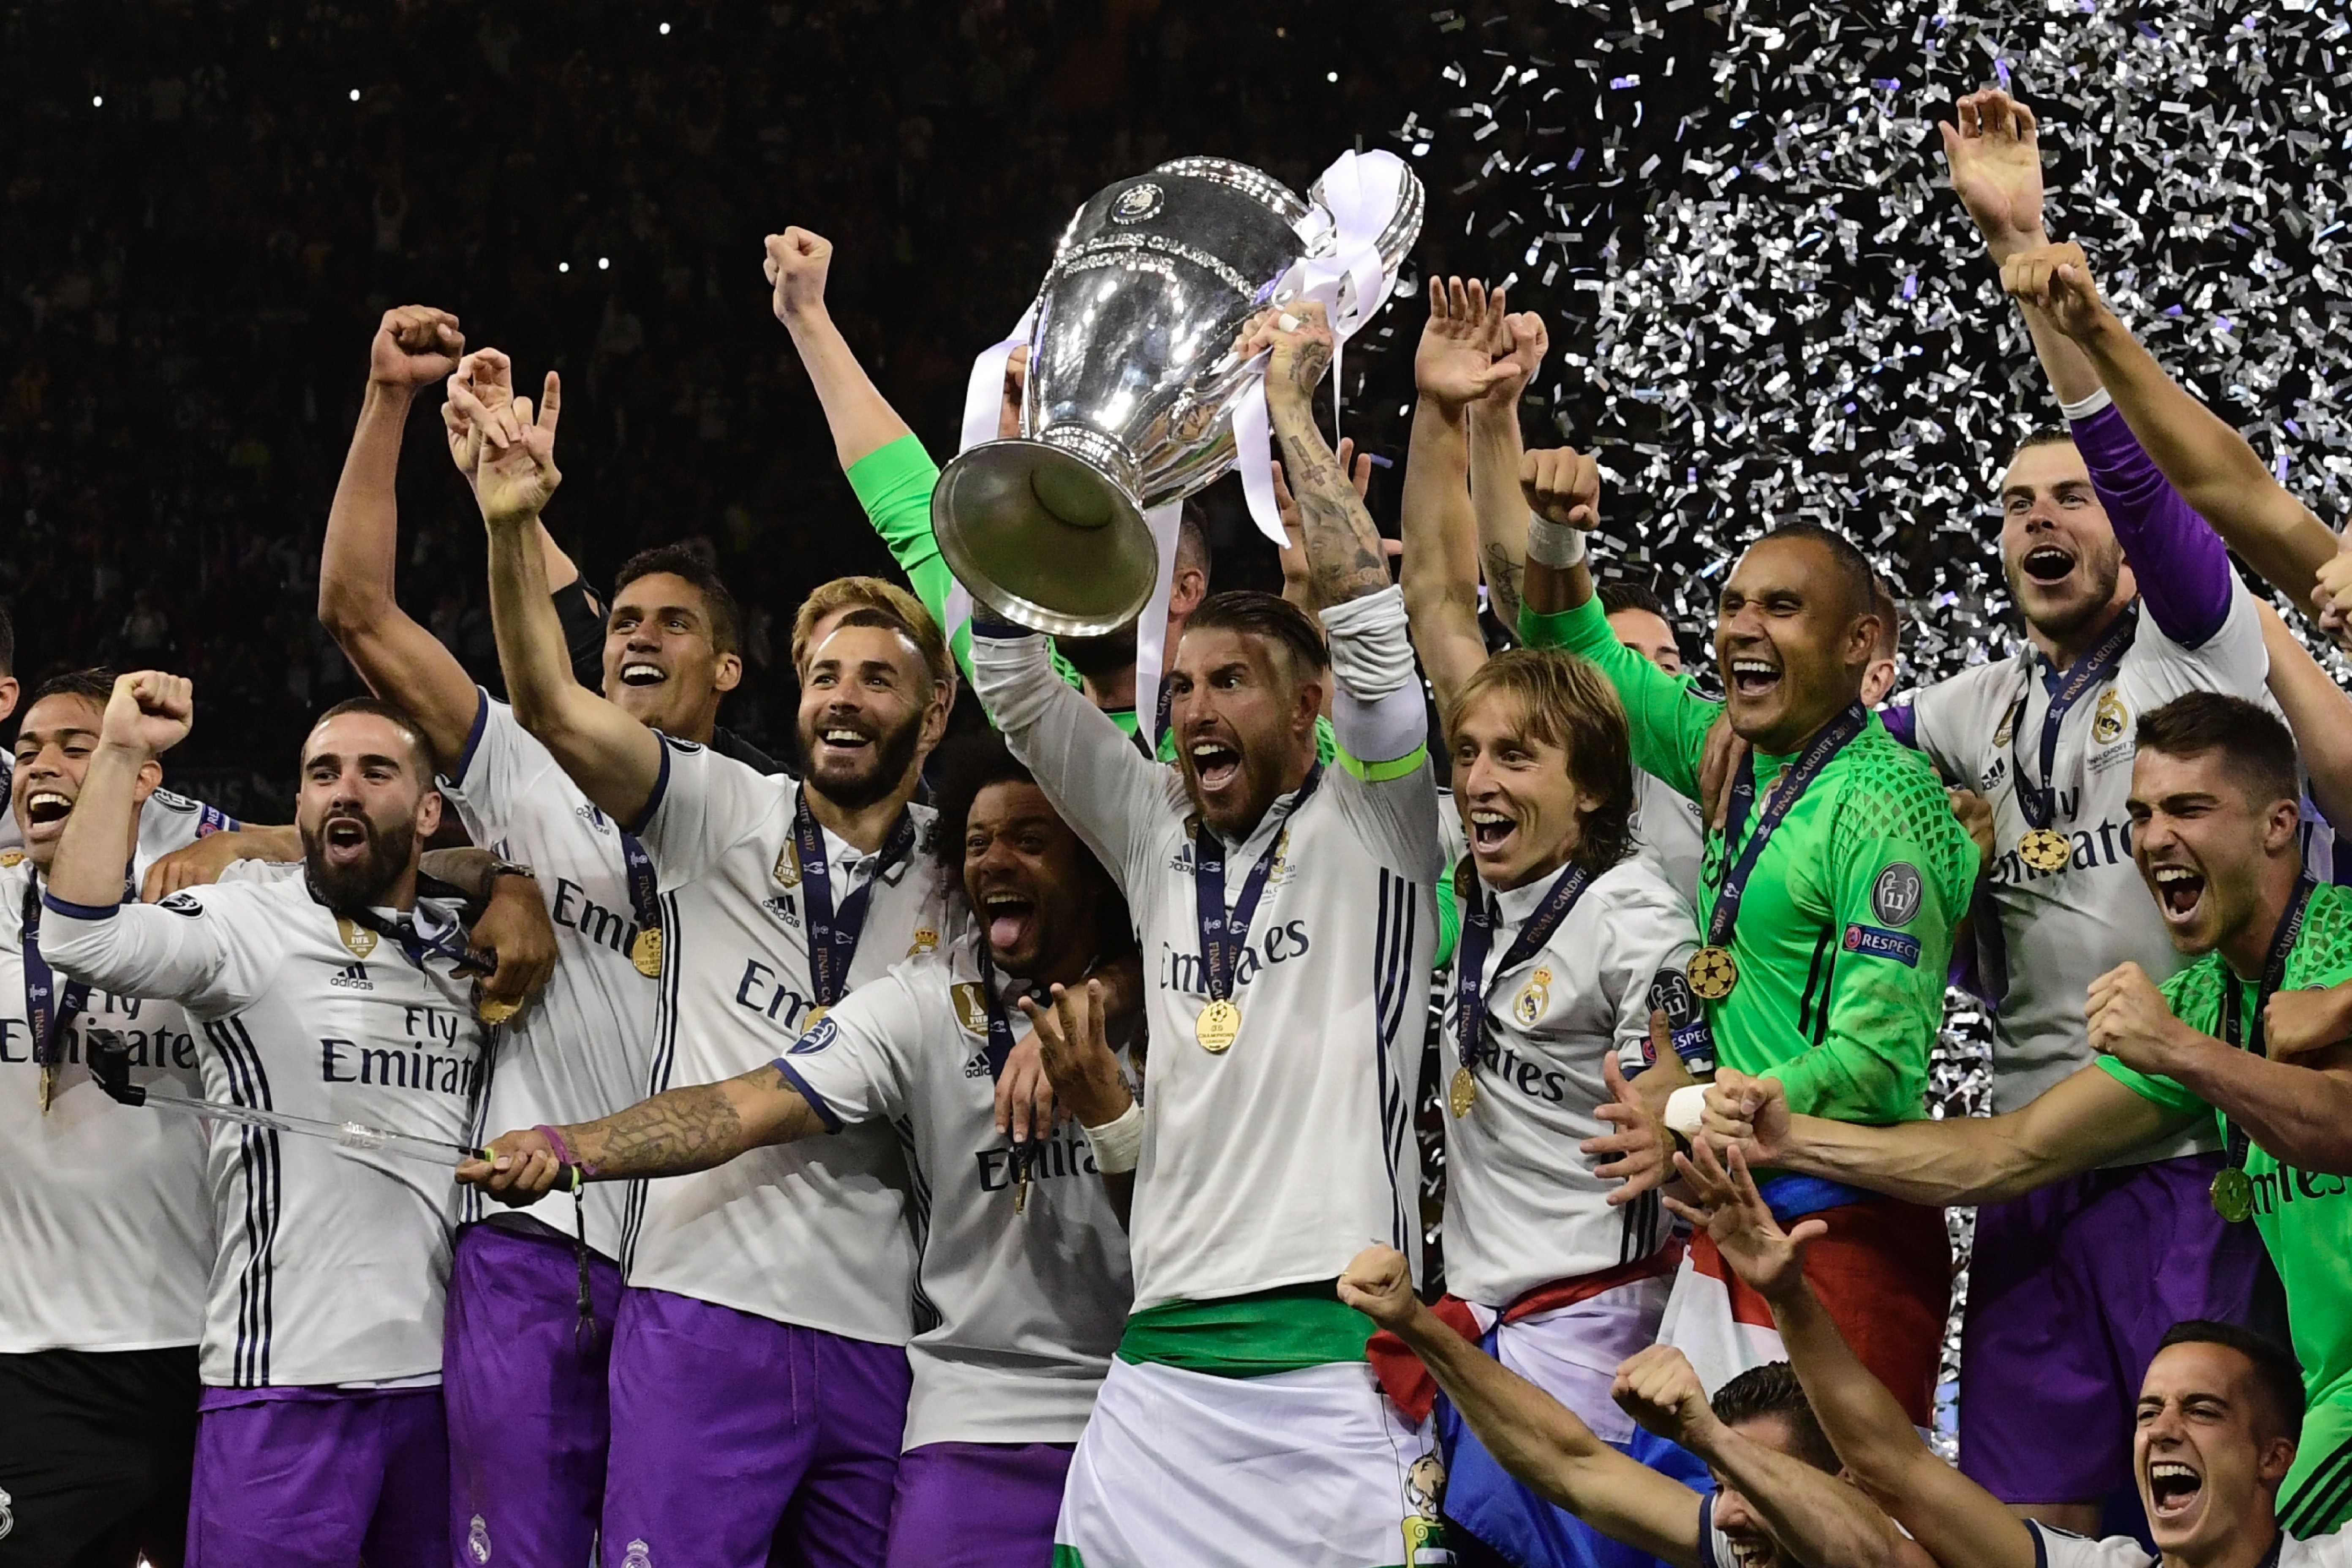 Real Madrid schrijft historie met tweede Champions League-winst op rij